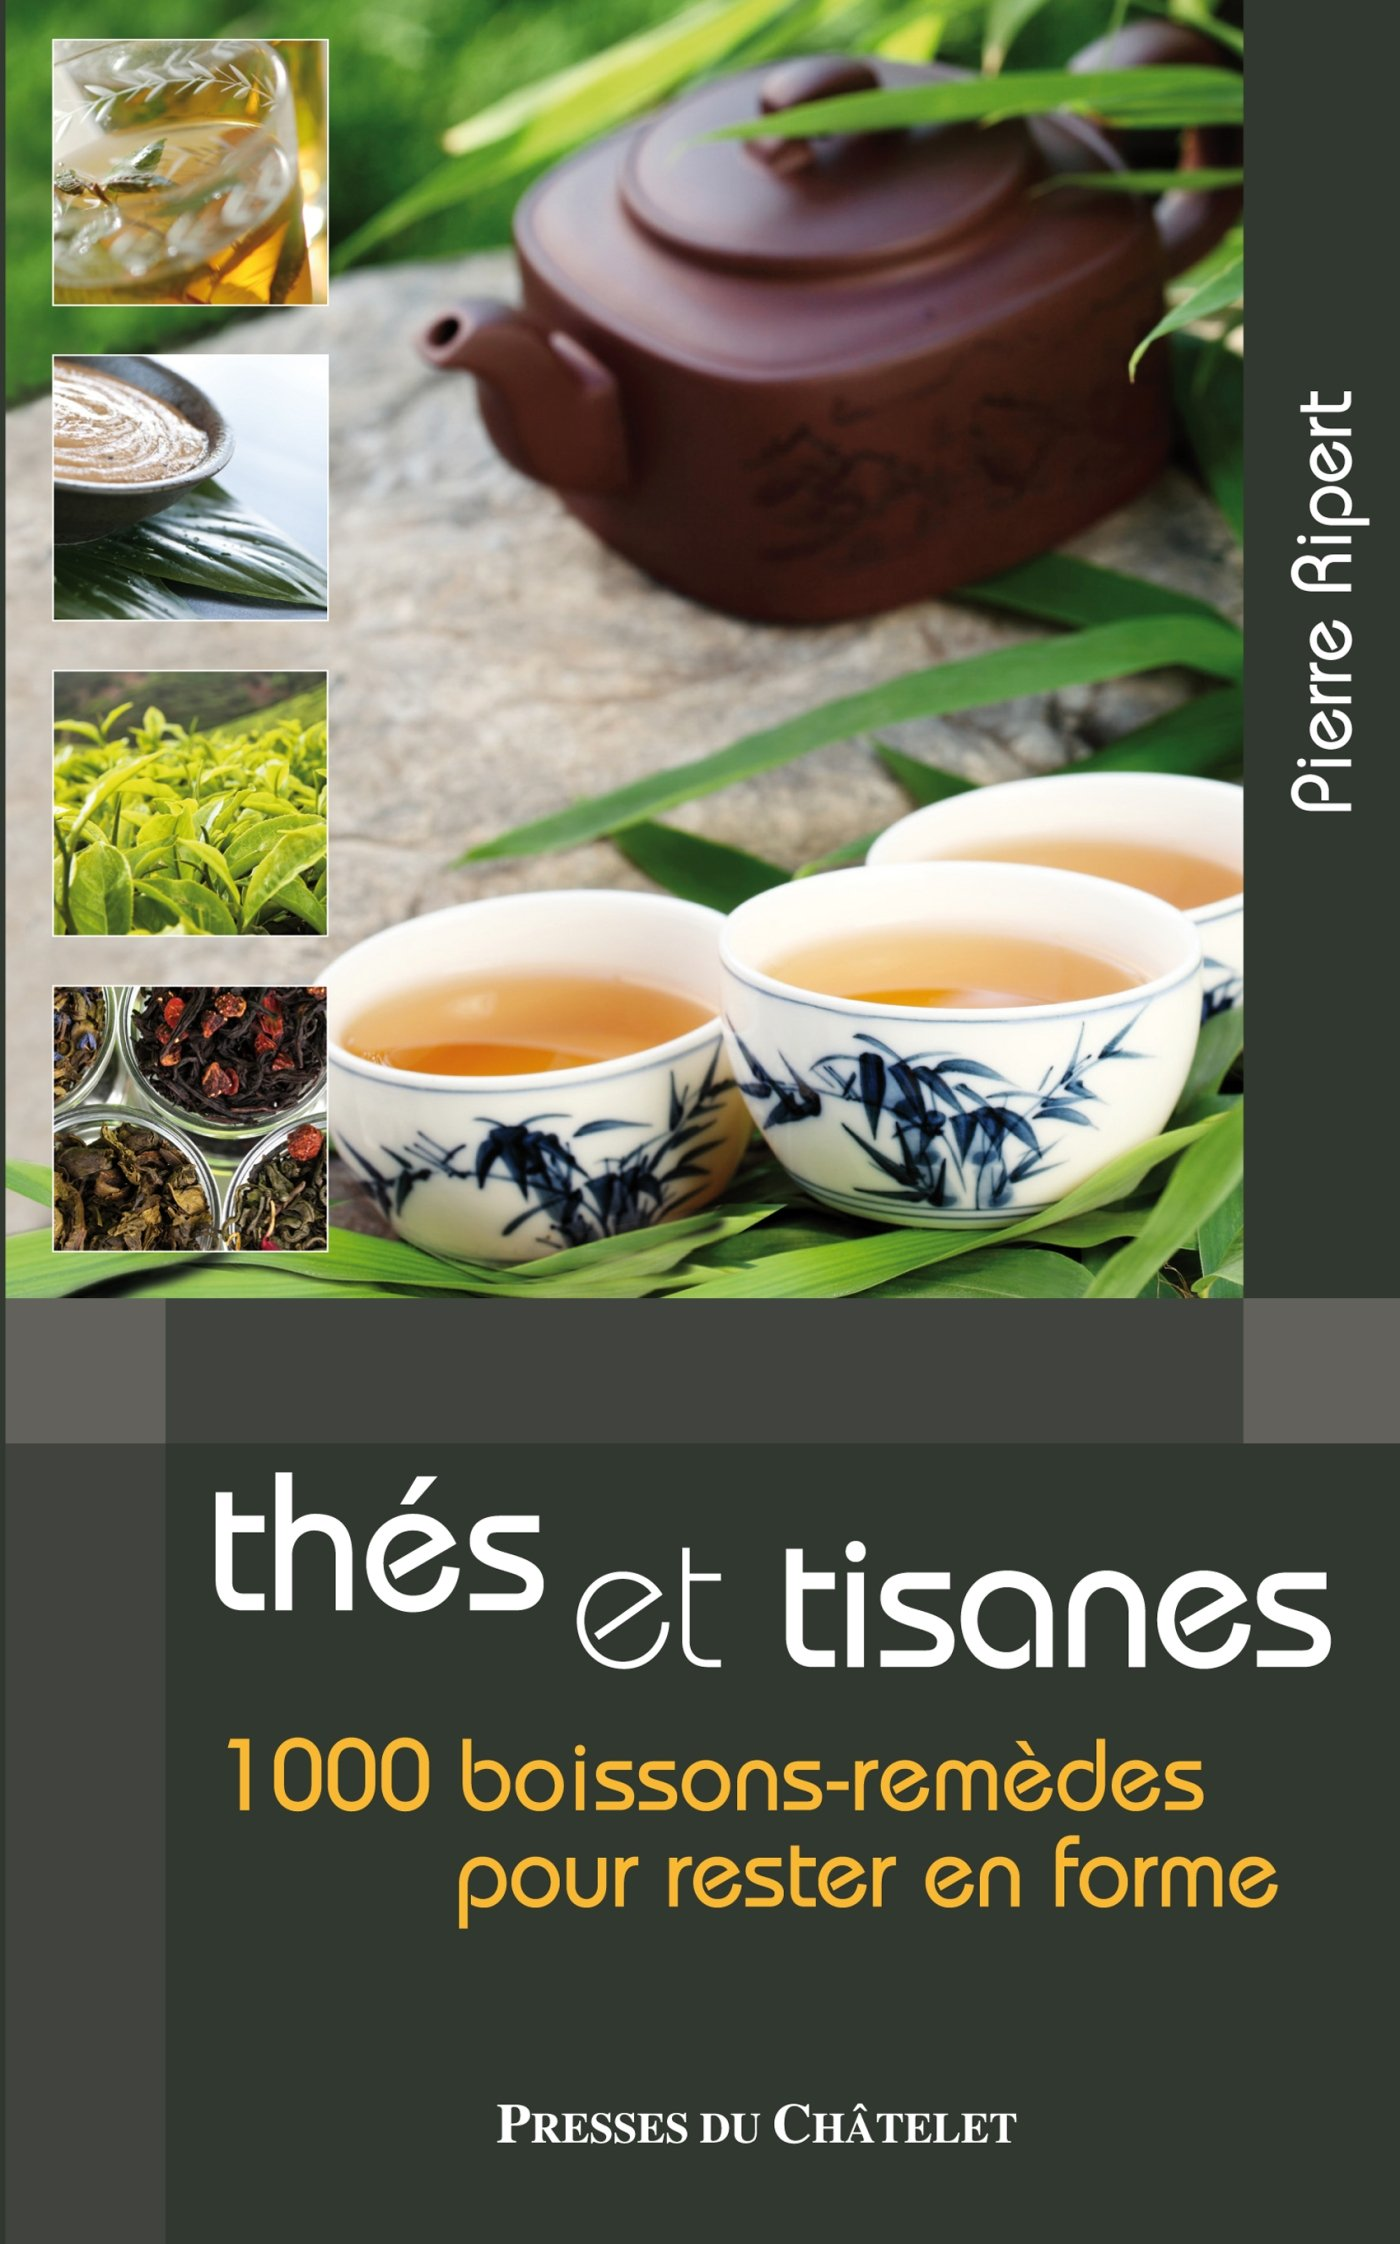 Les bienfaits des thés et tisanes : 1 000 boissons-remèdes pour rester en forme